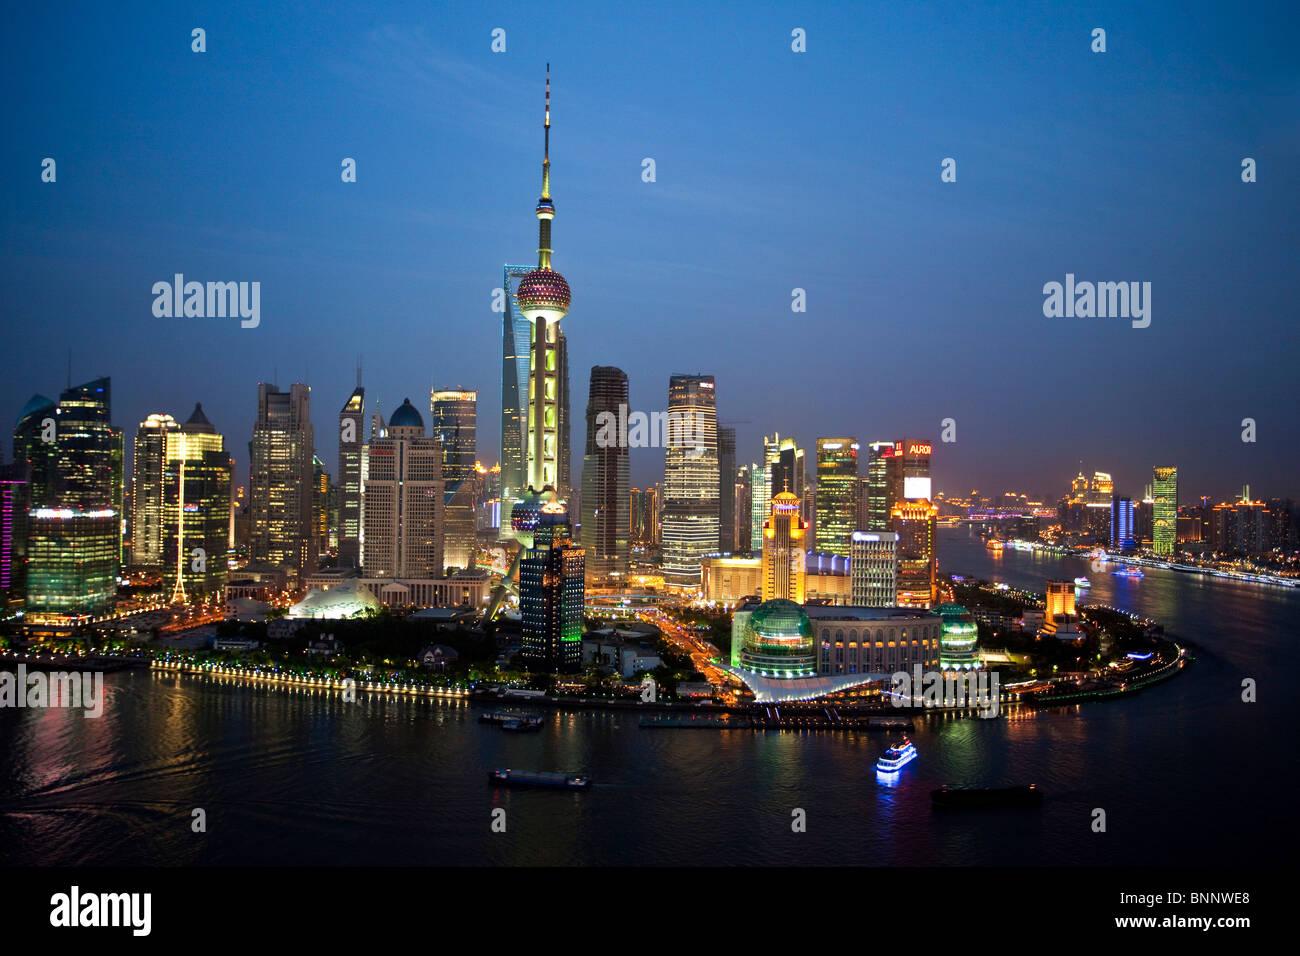 China Shanghai Stadt Häuserblocks von Wohnungen Hochhäuser City Skyline Huangpu Fluss Fluss Pudong Abend Stockbild